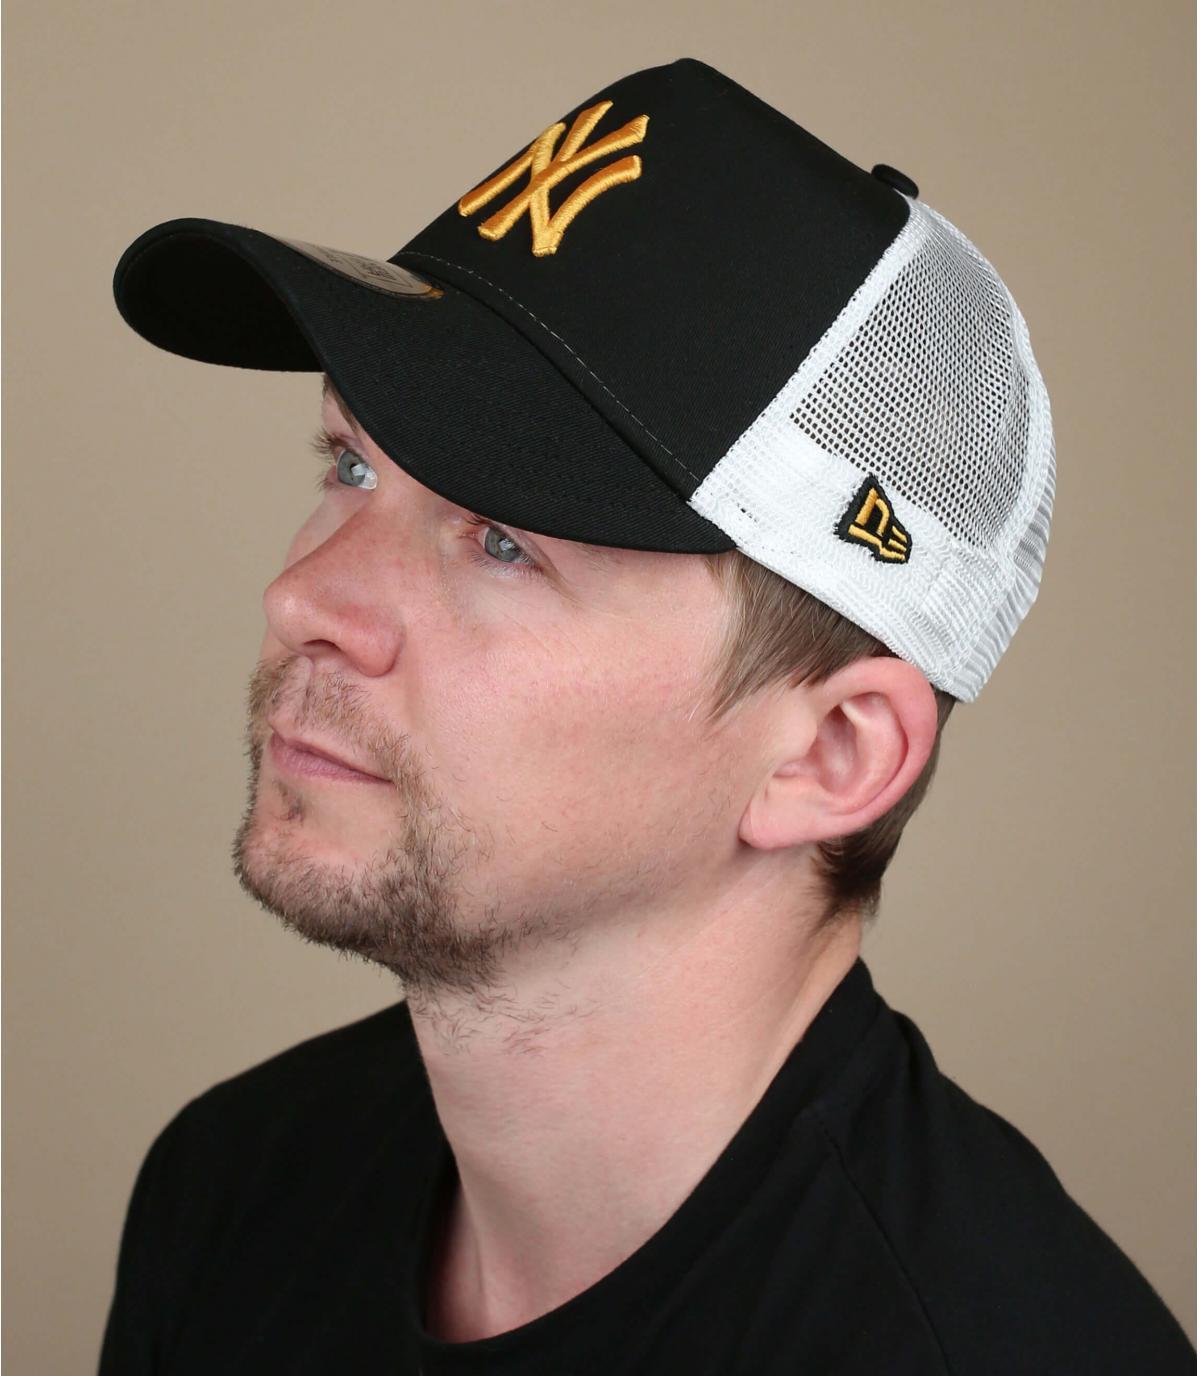 zwart geel NY trucker